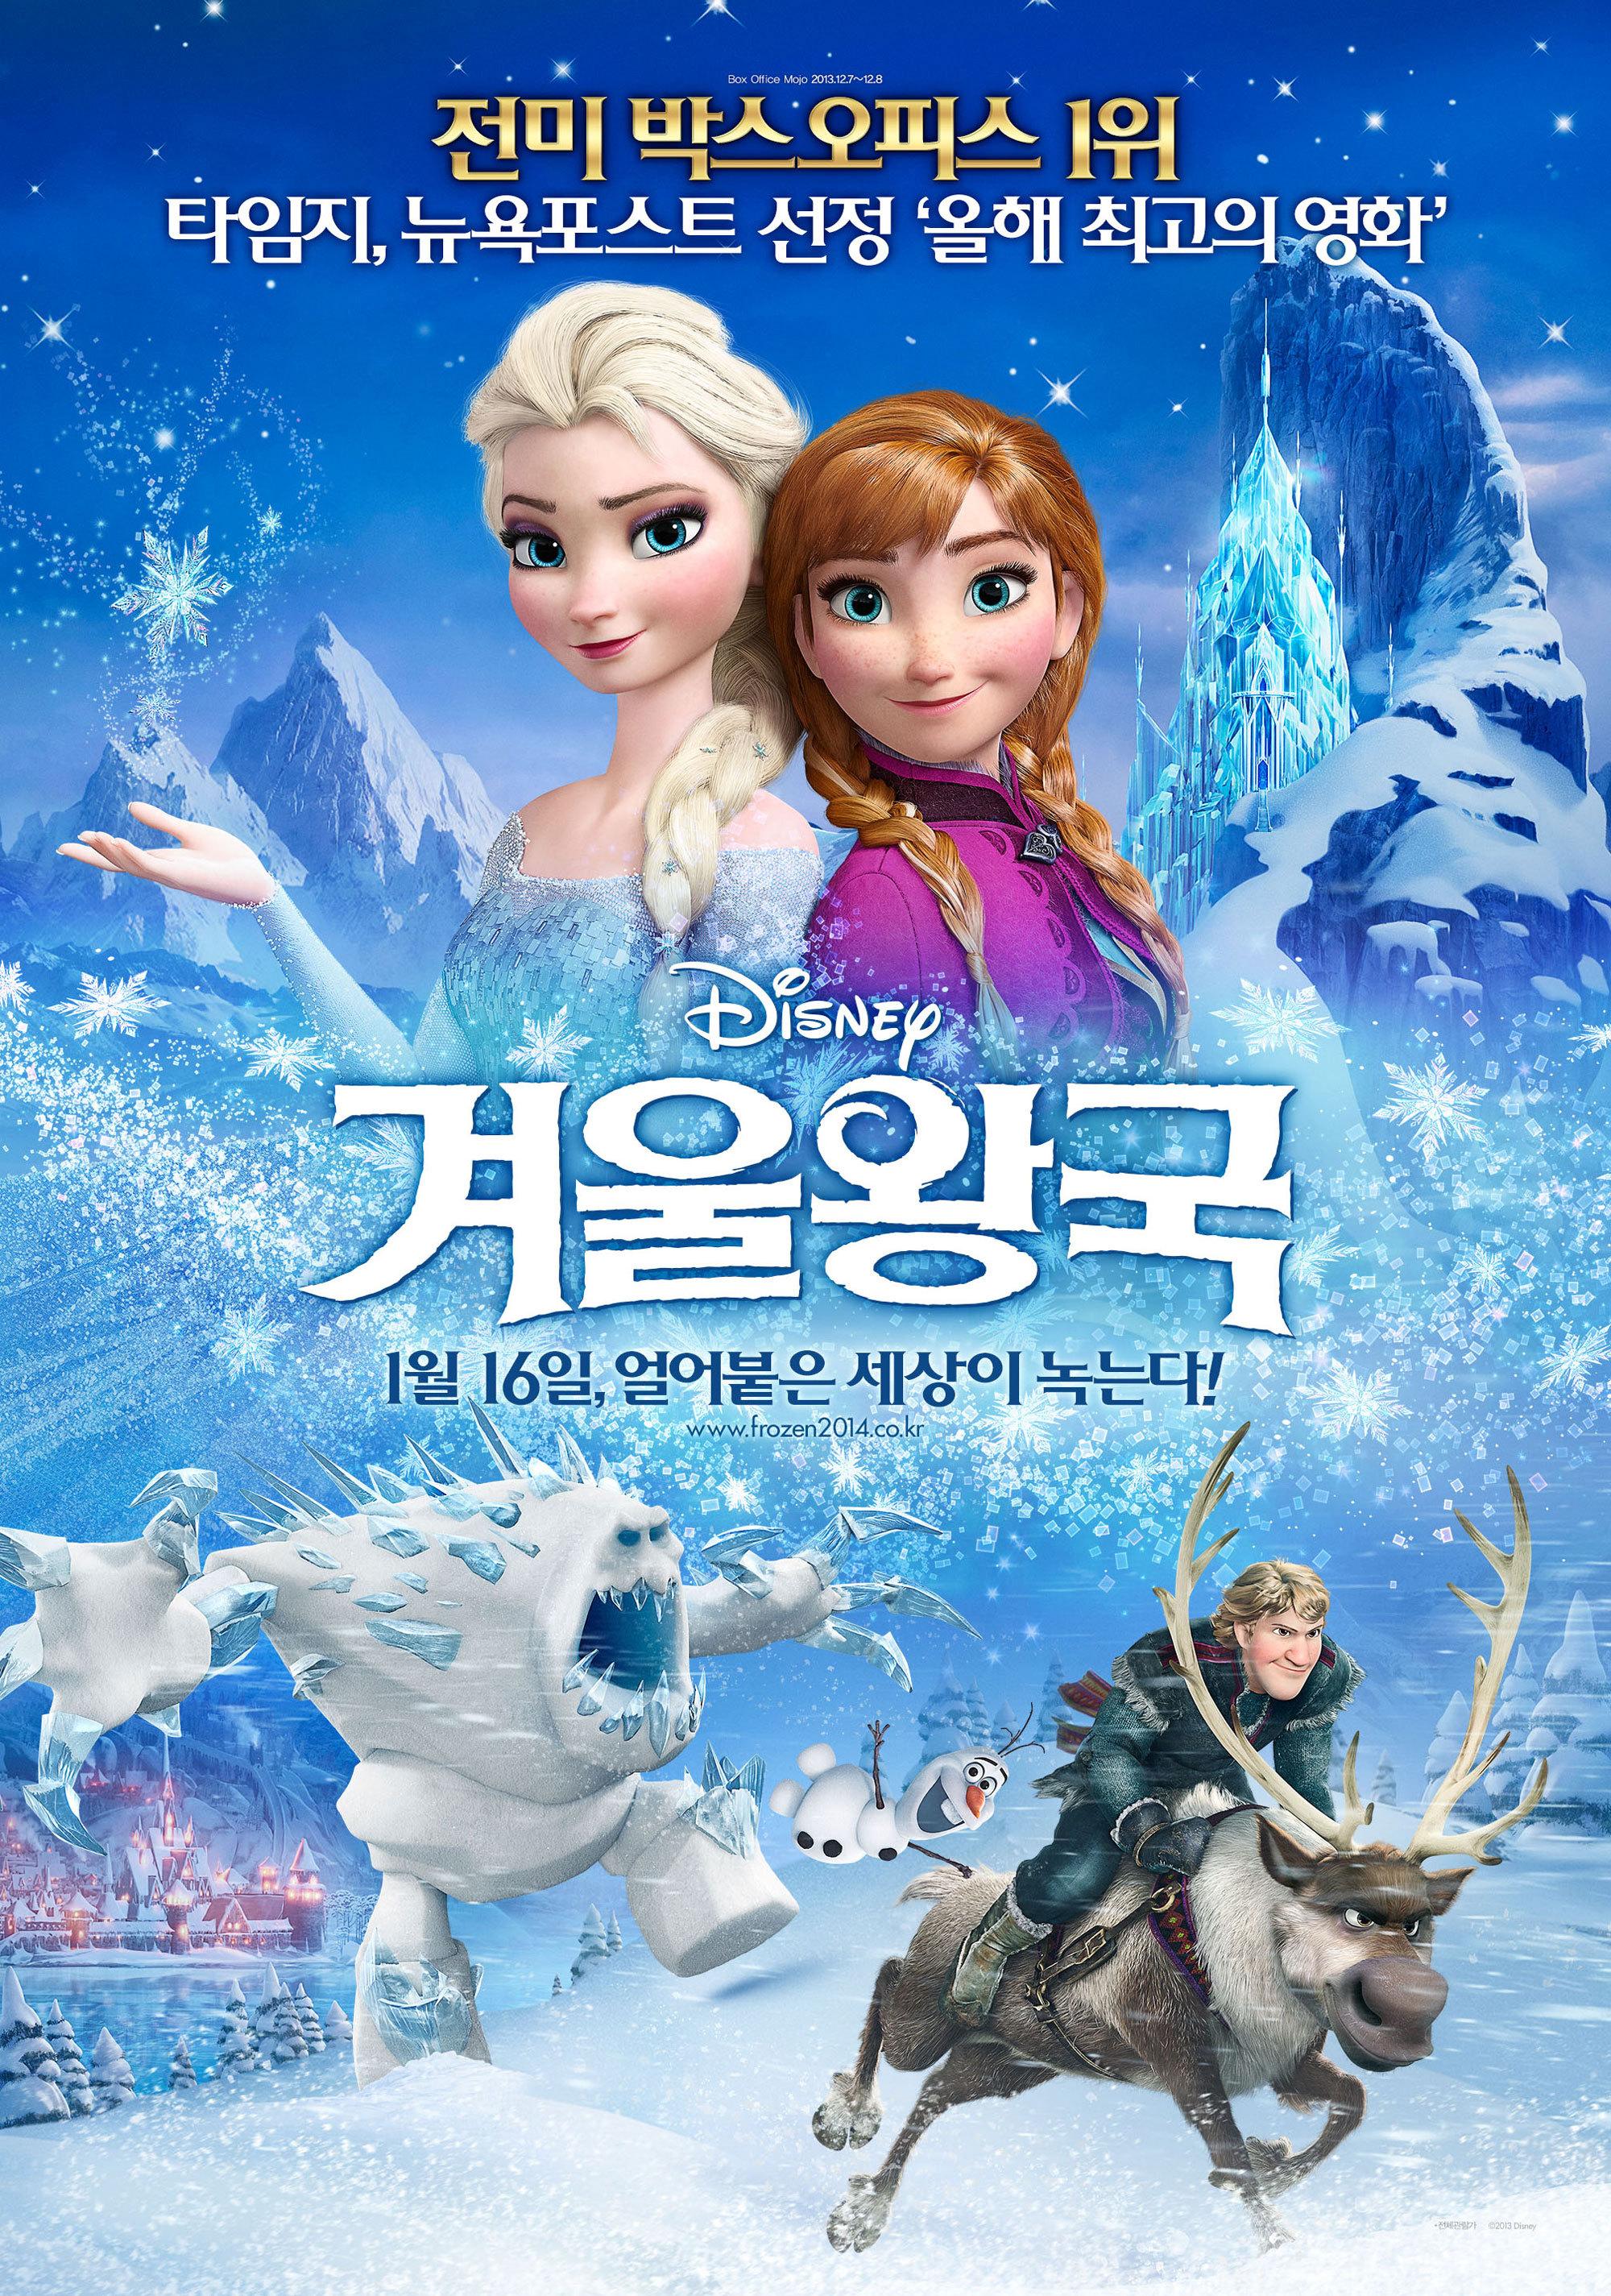 설 특선 애니메이션 <겨울왕국> - 겨울왕국